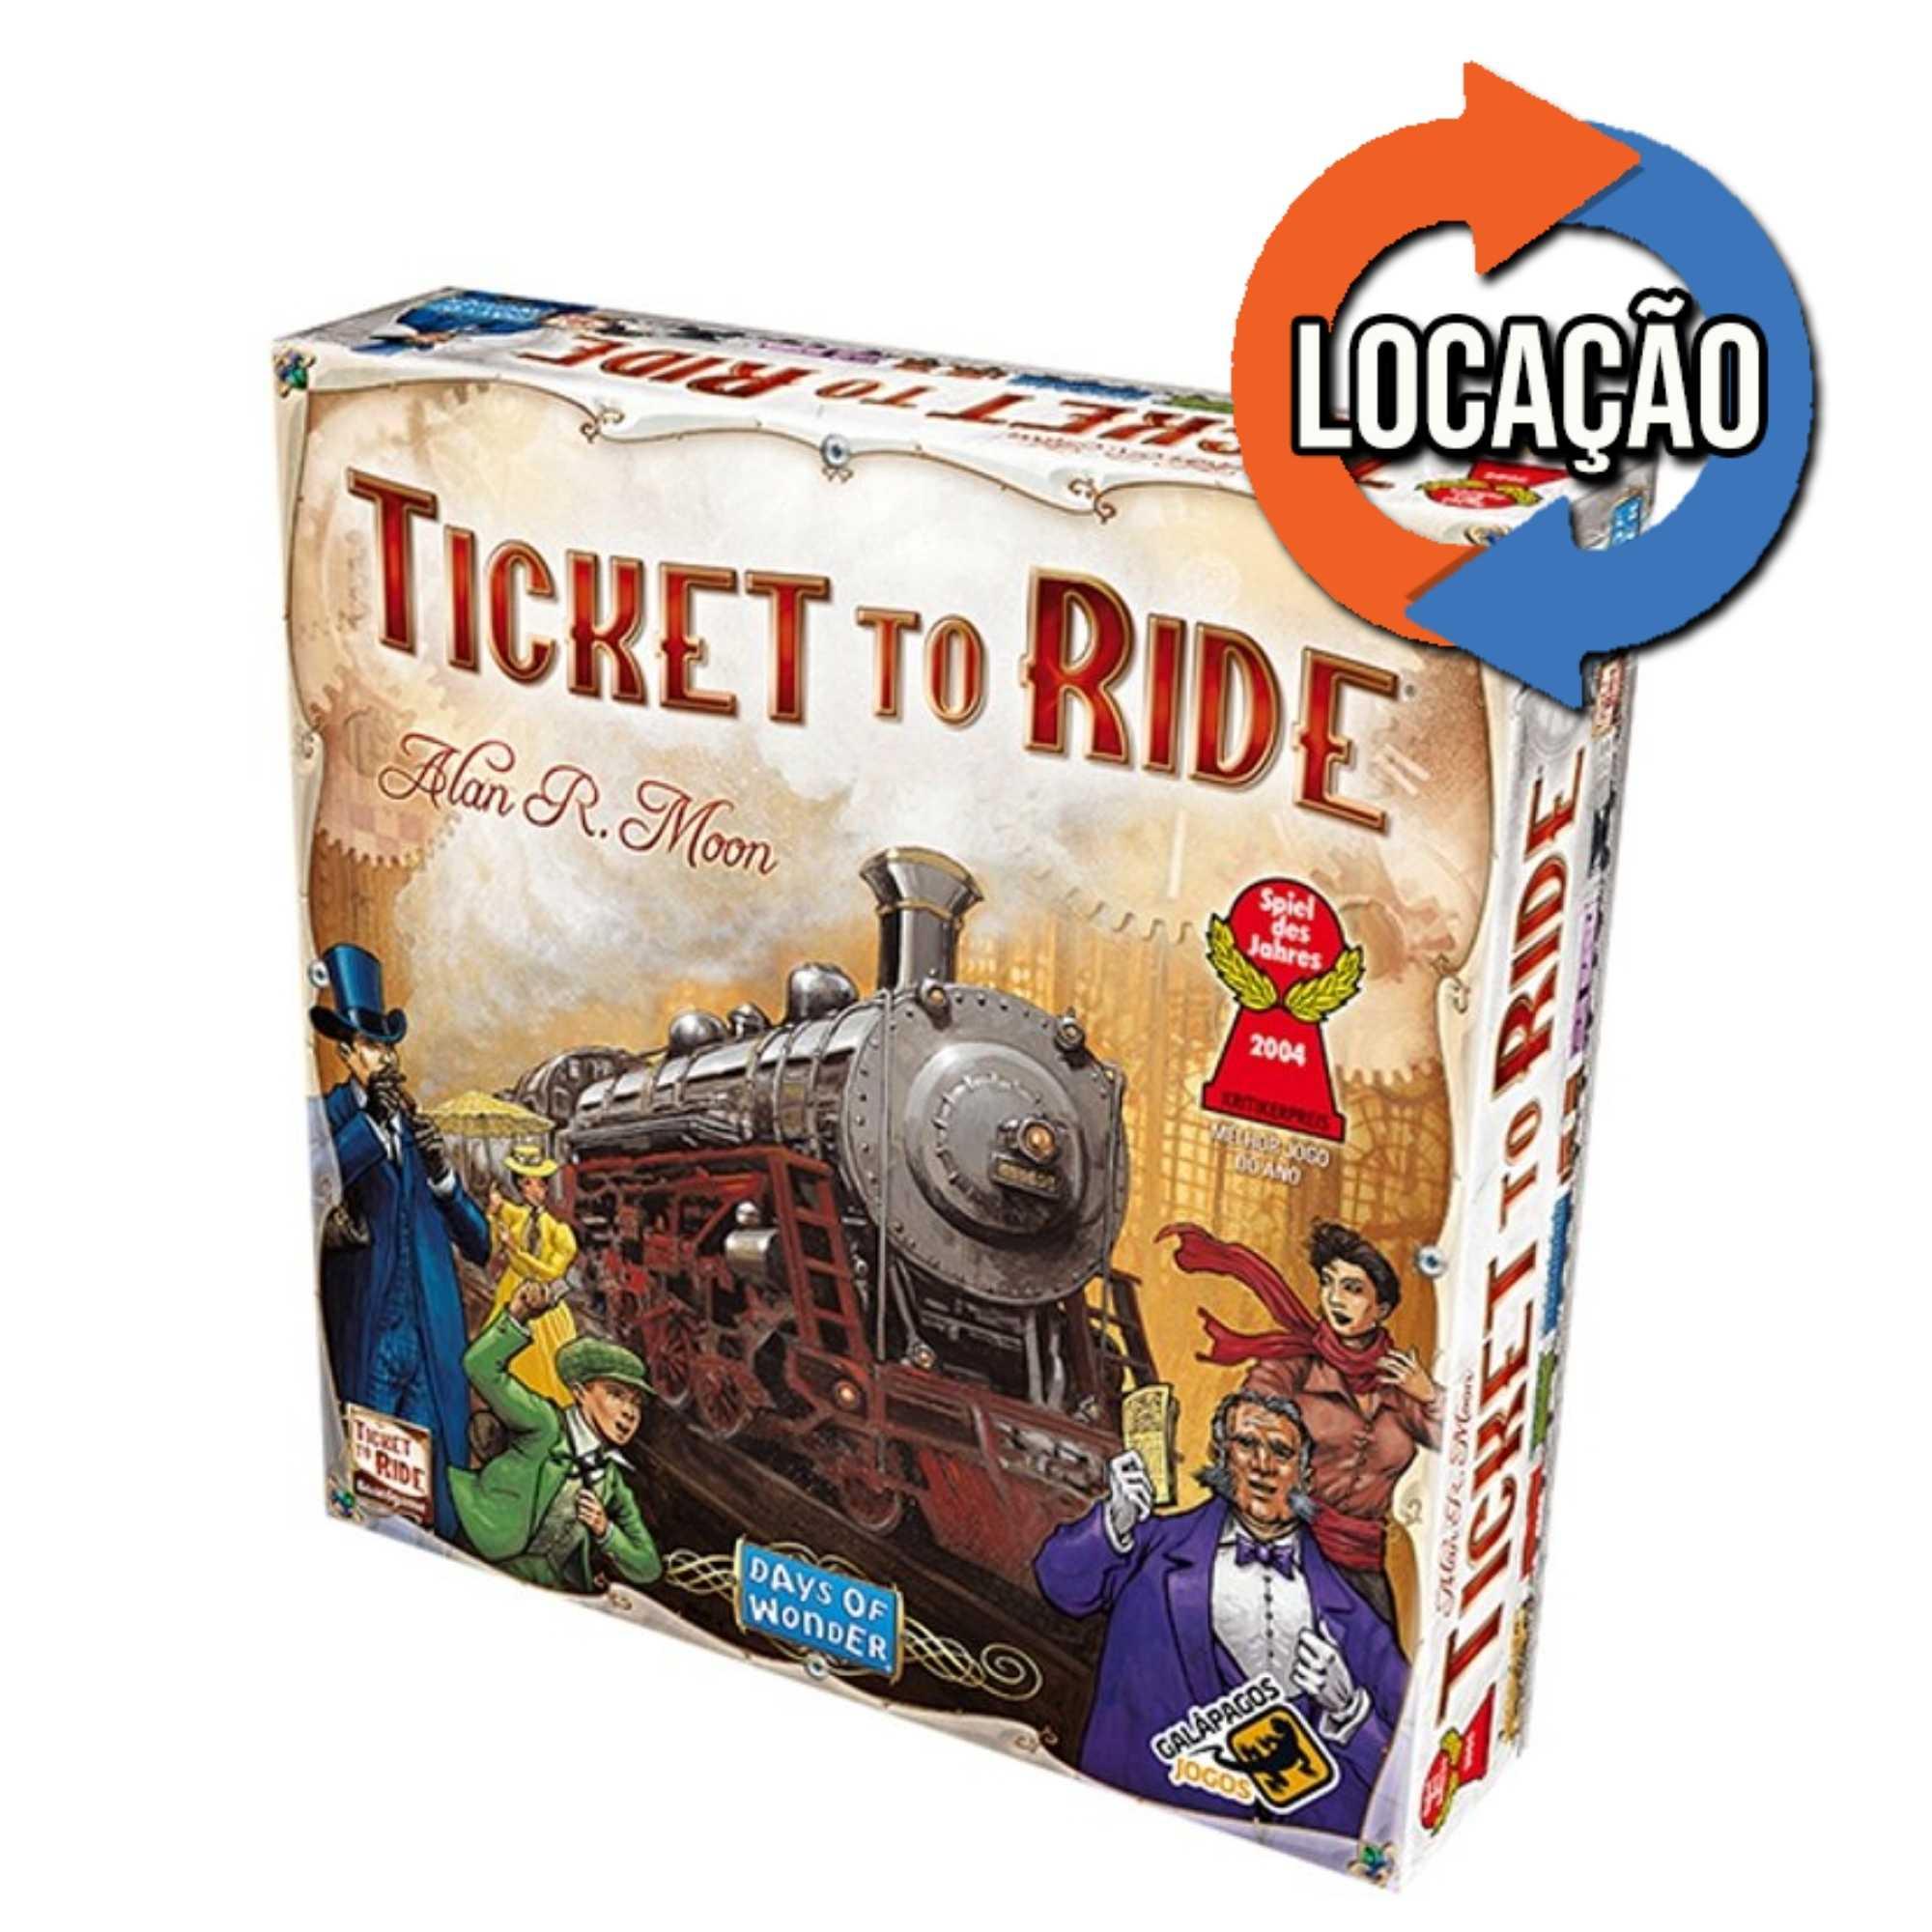 Ticket to Ride (Locação)